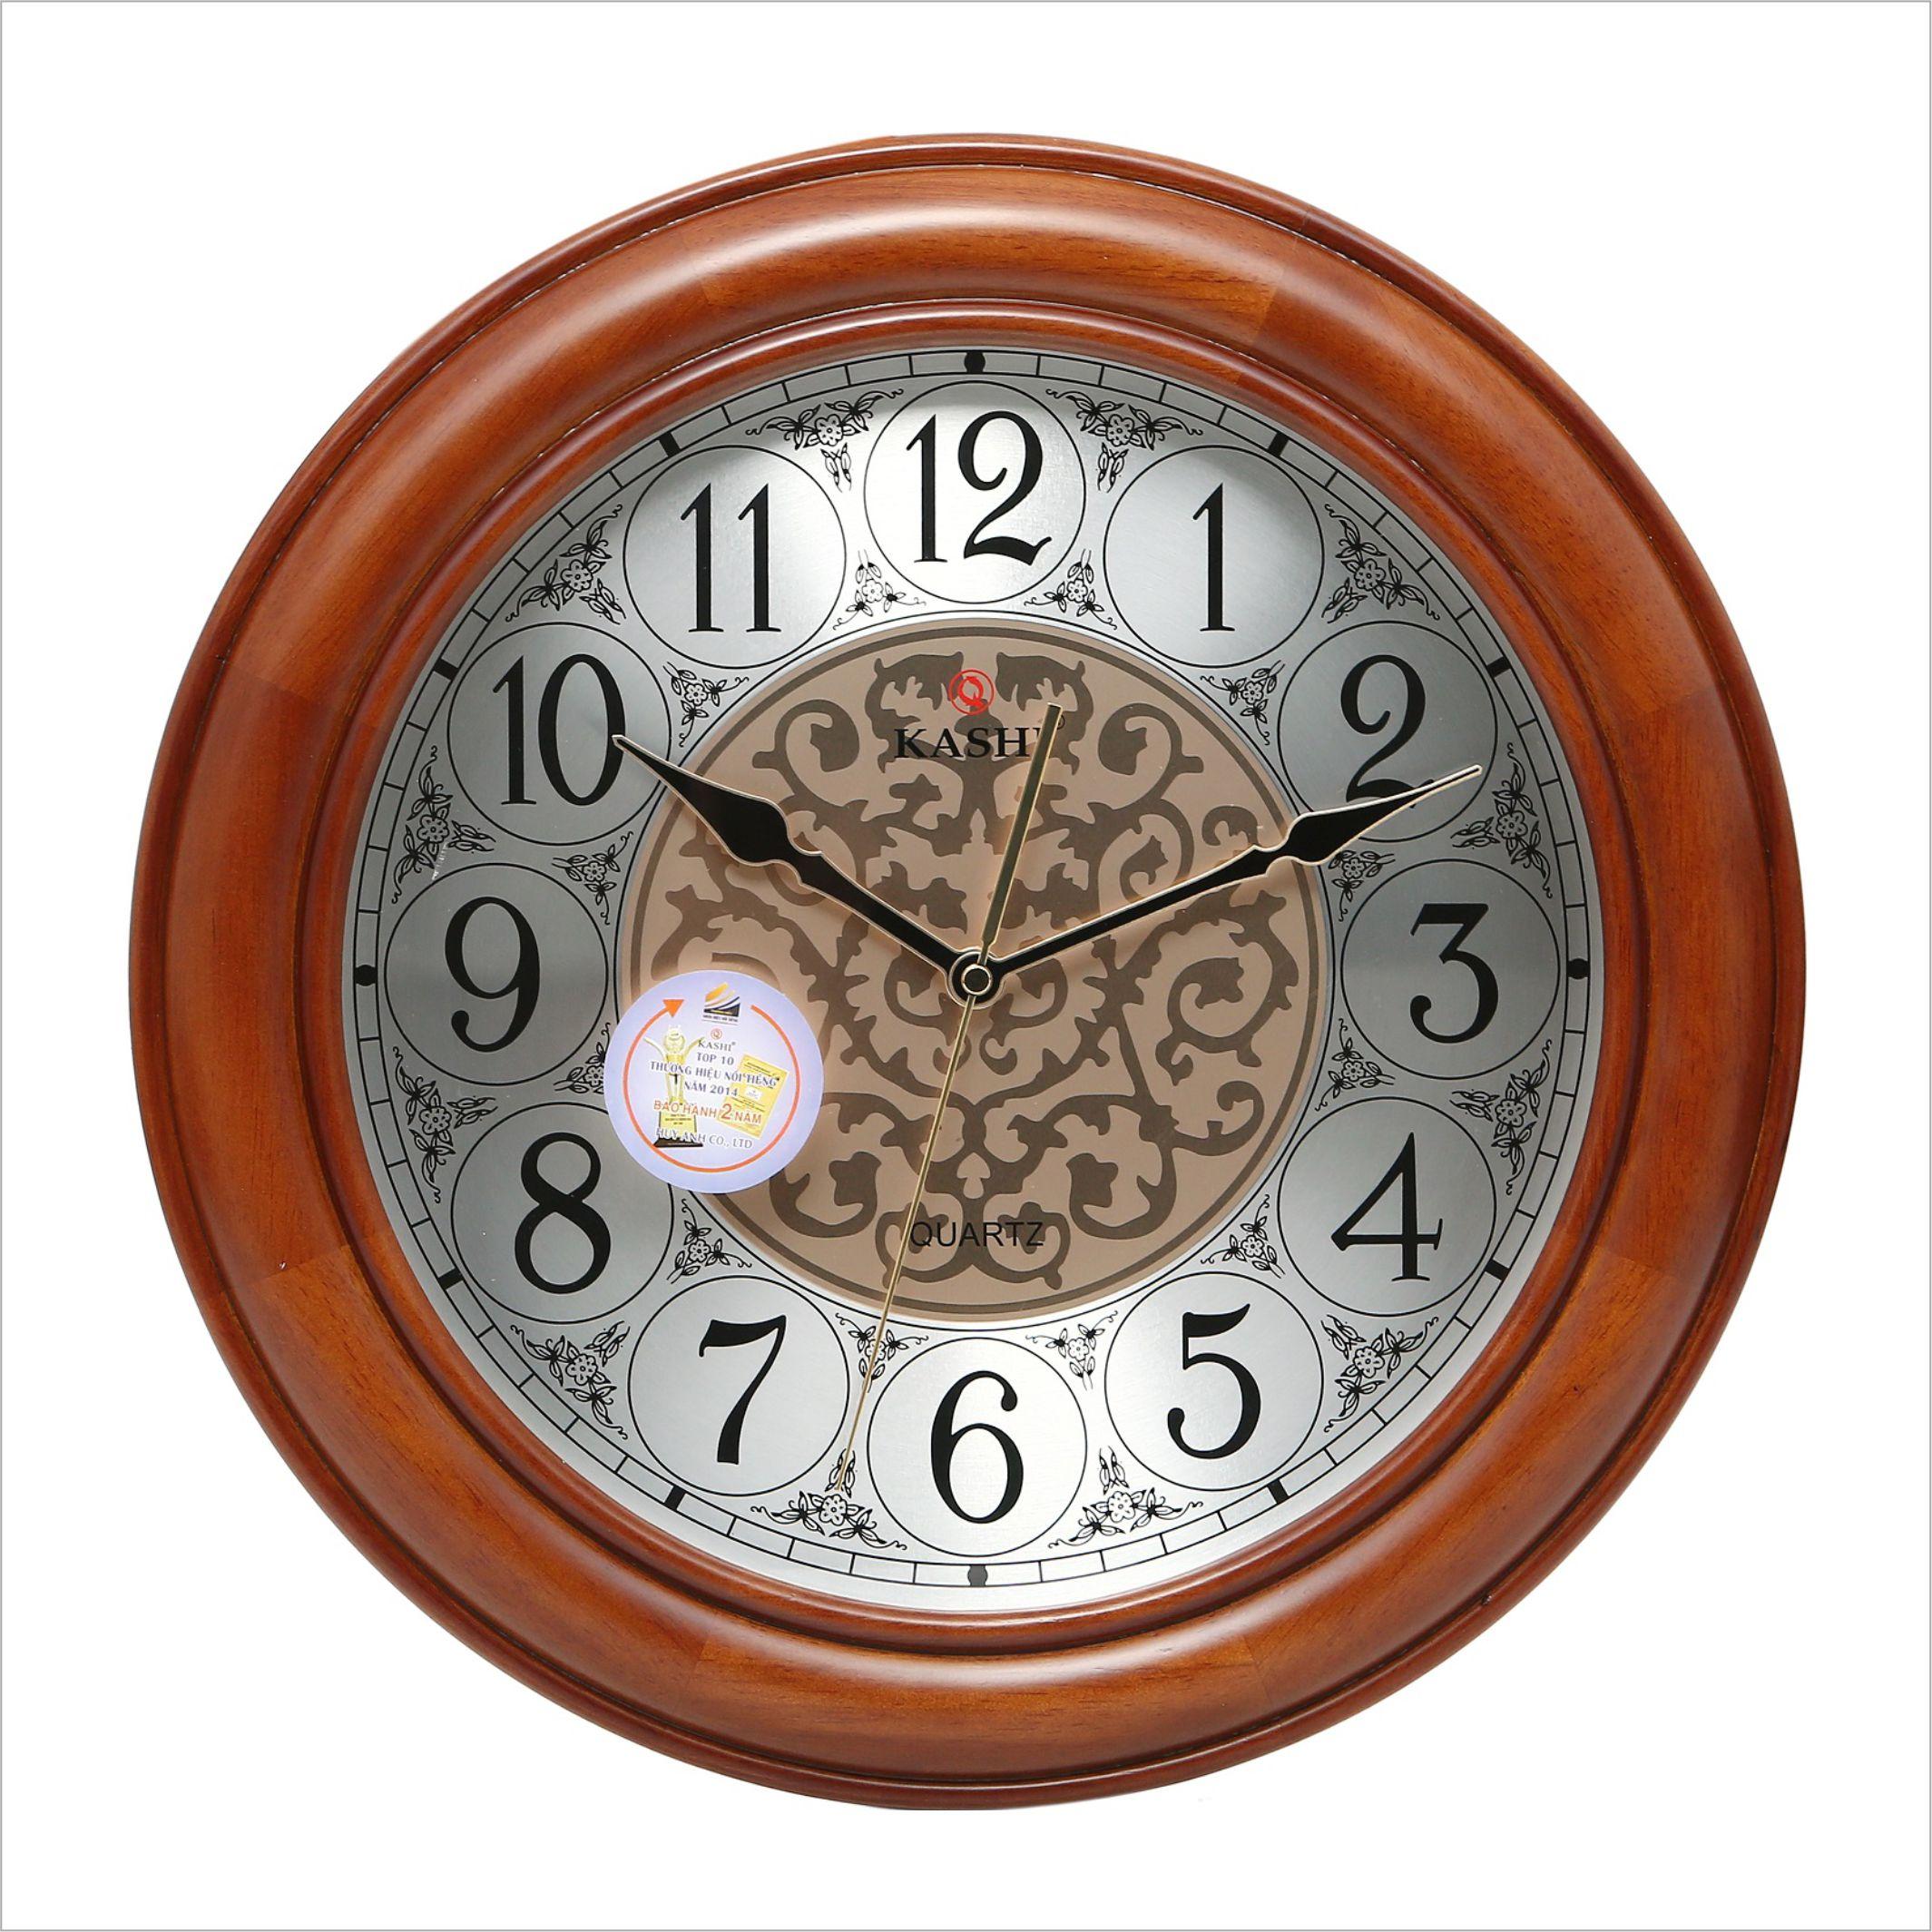 Đồng hồ treo tường DHHM334 số học trò Kashi 41cm